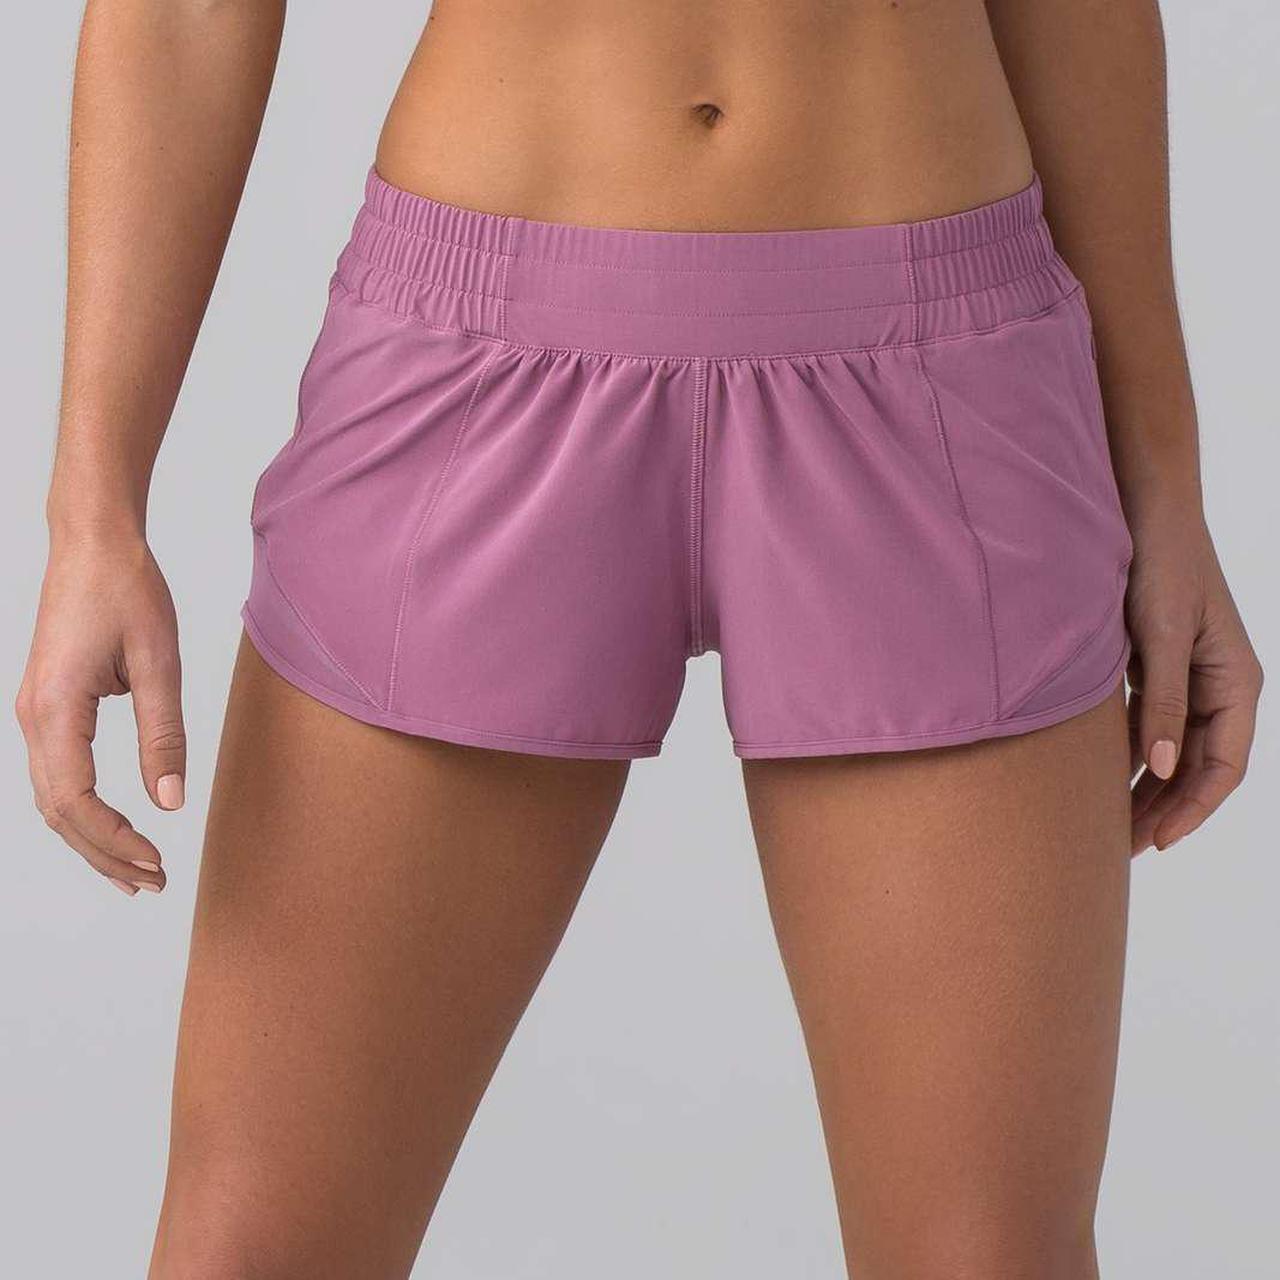 Product Image 1 - Lululemon Athletica Hotty Hot Short